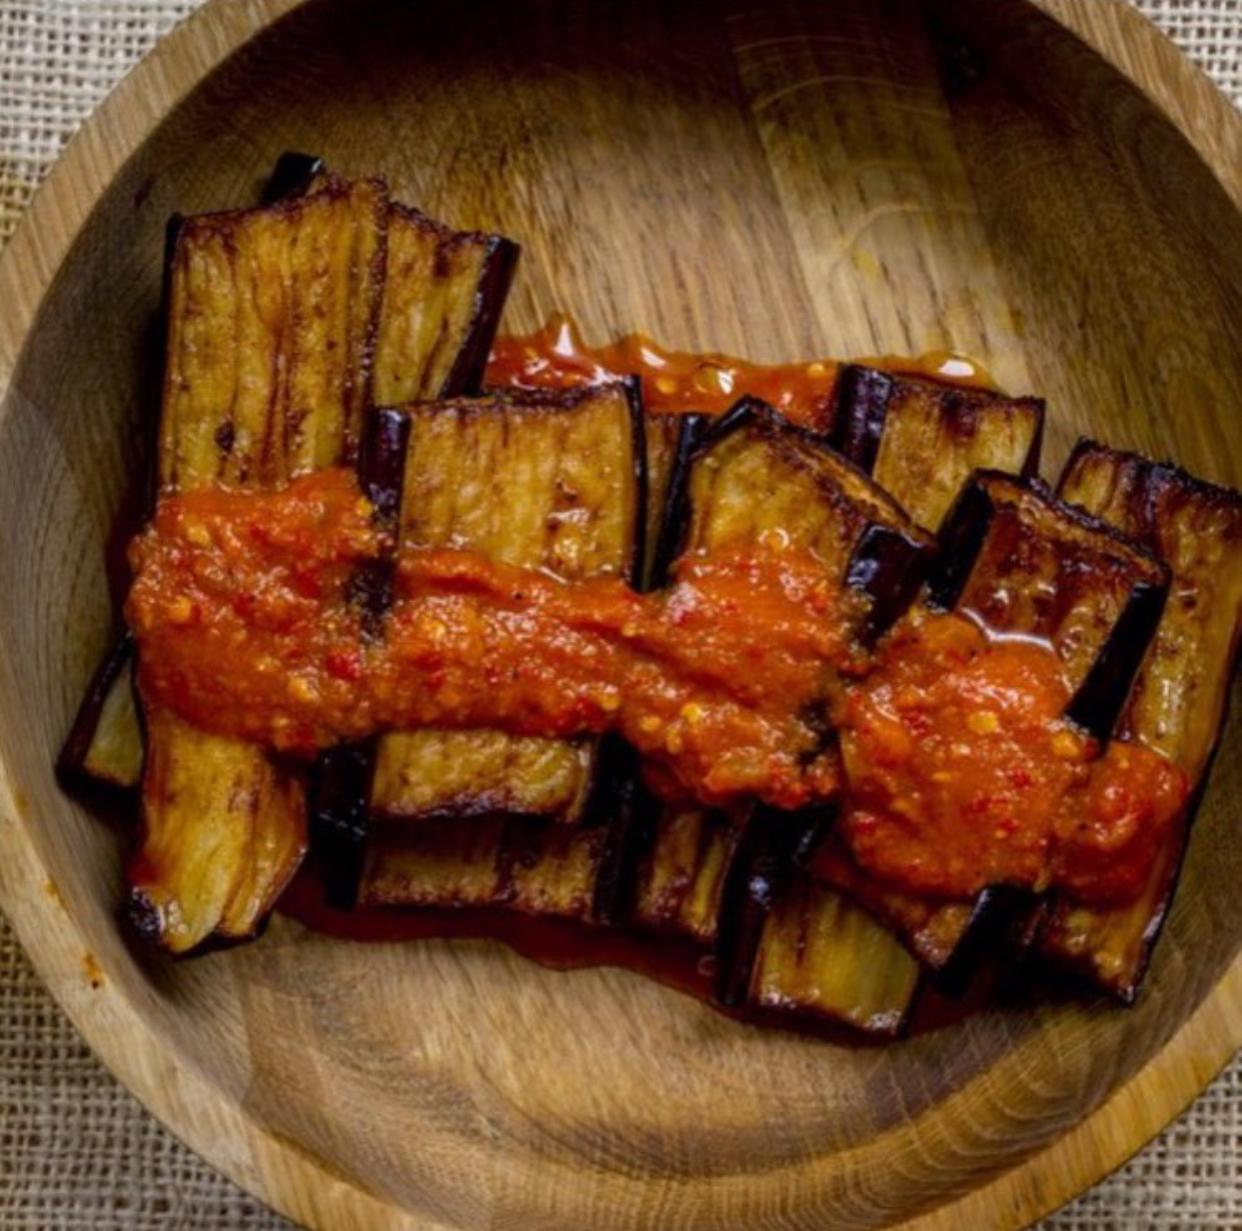 Terong Sambal Kemangi / Eggplant in Basil Sambal